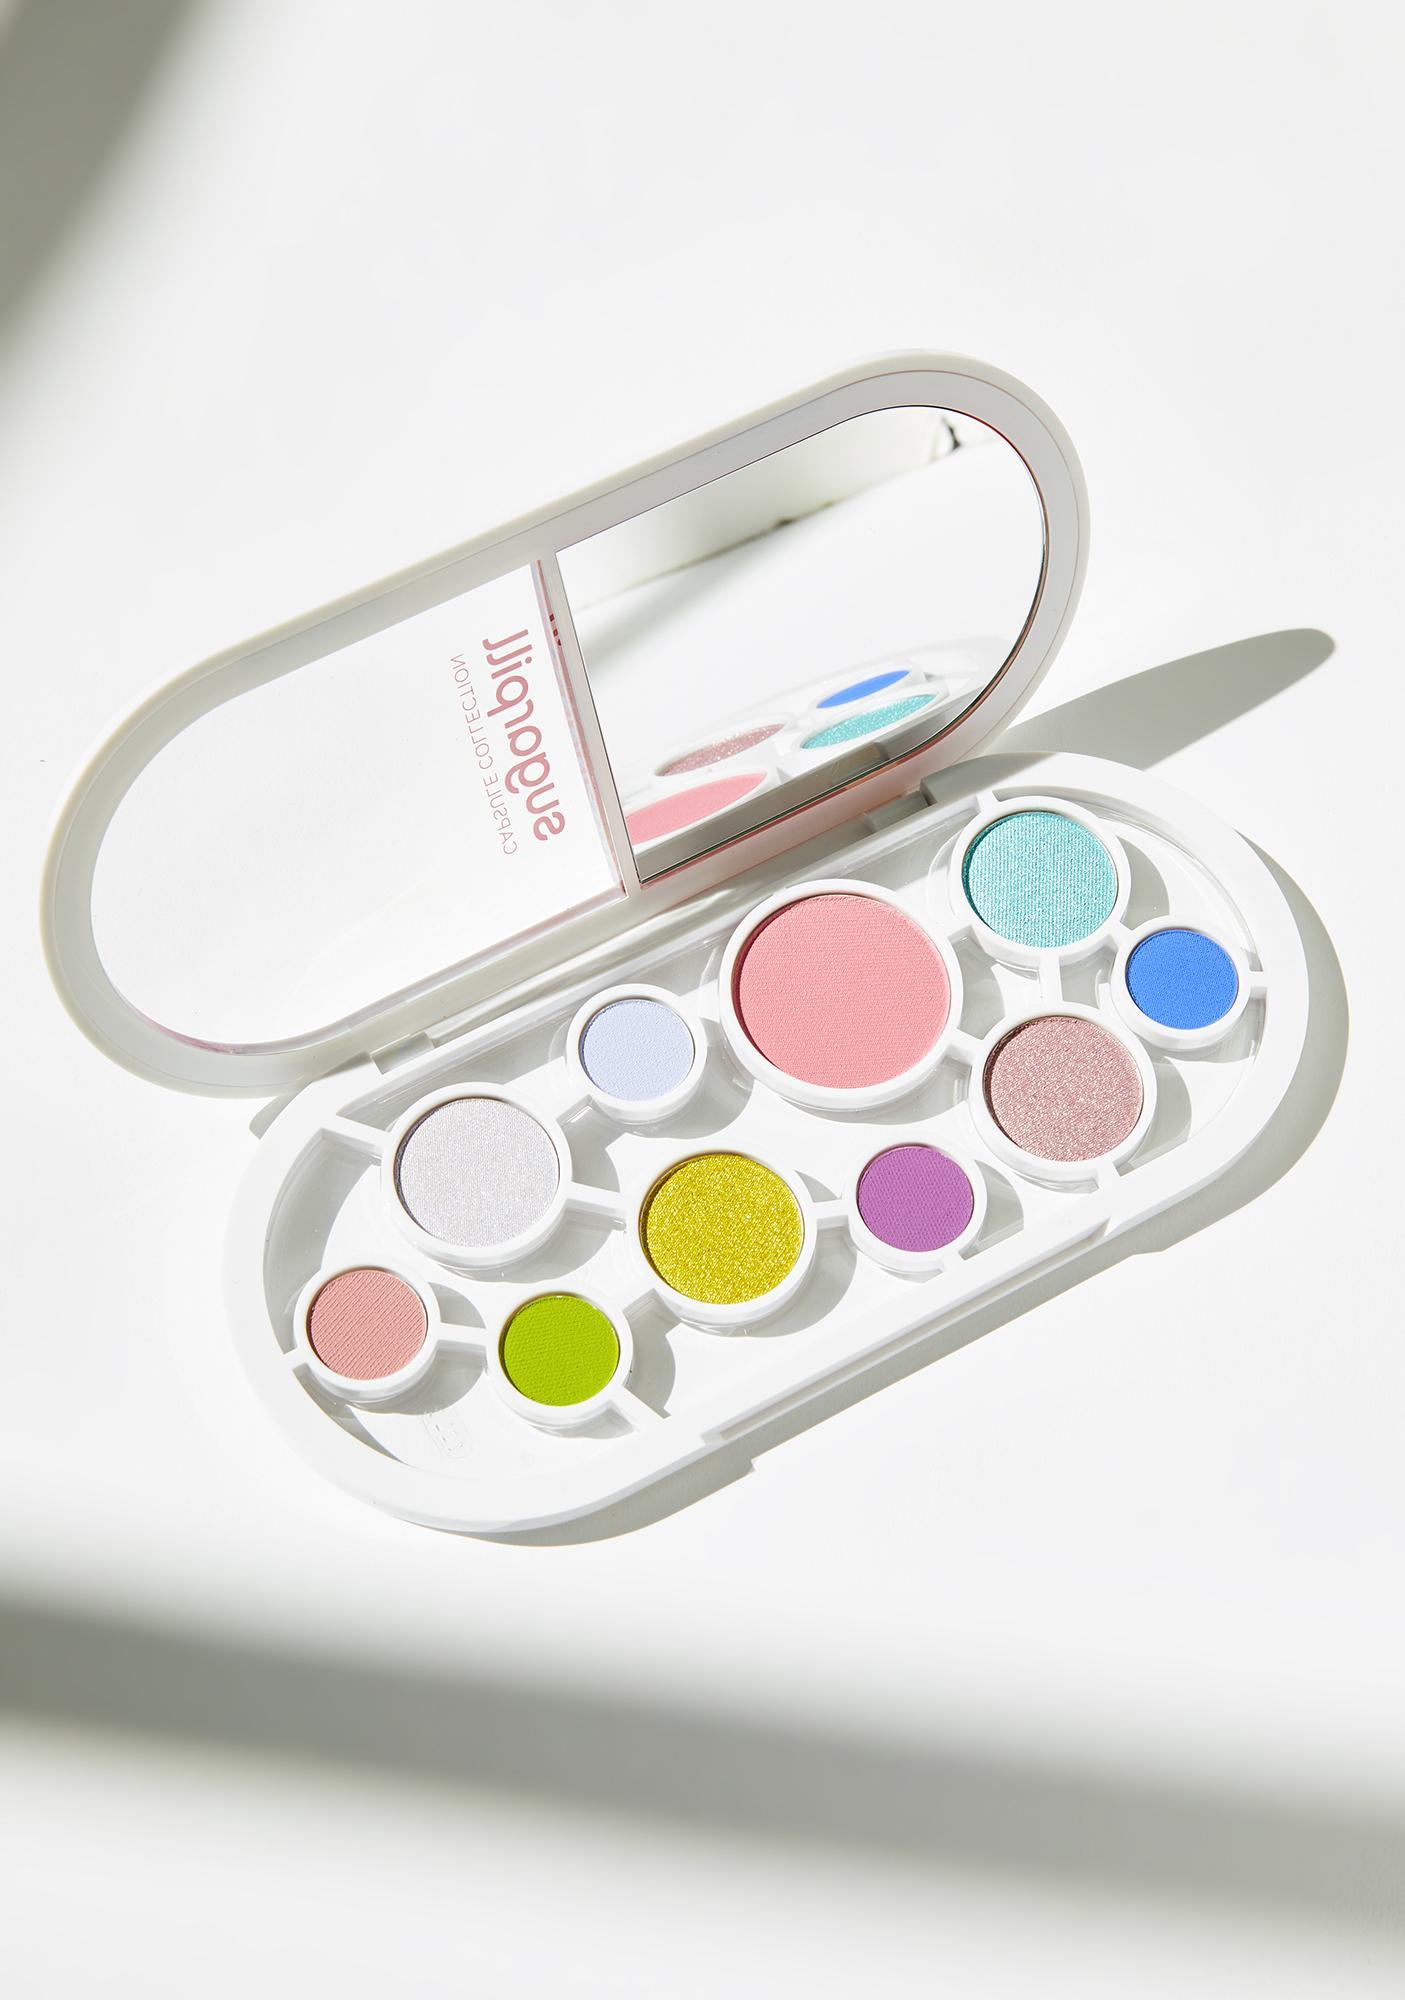 Sugarpill Capsule Eyeshadow Palette